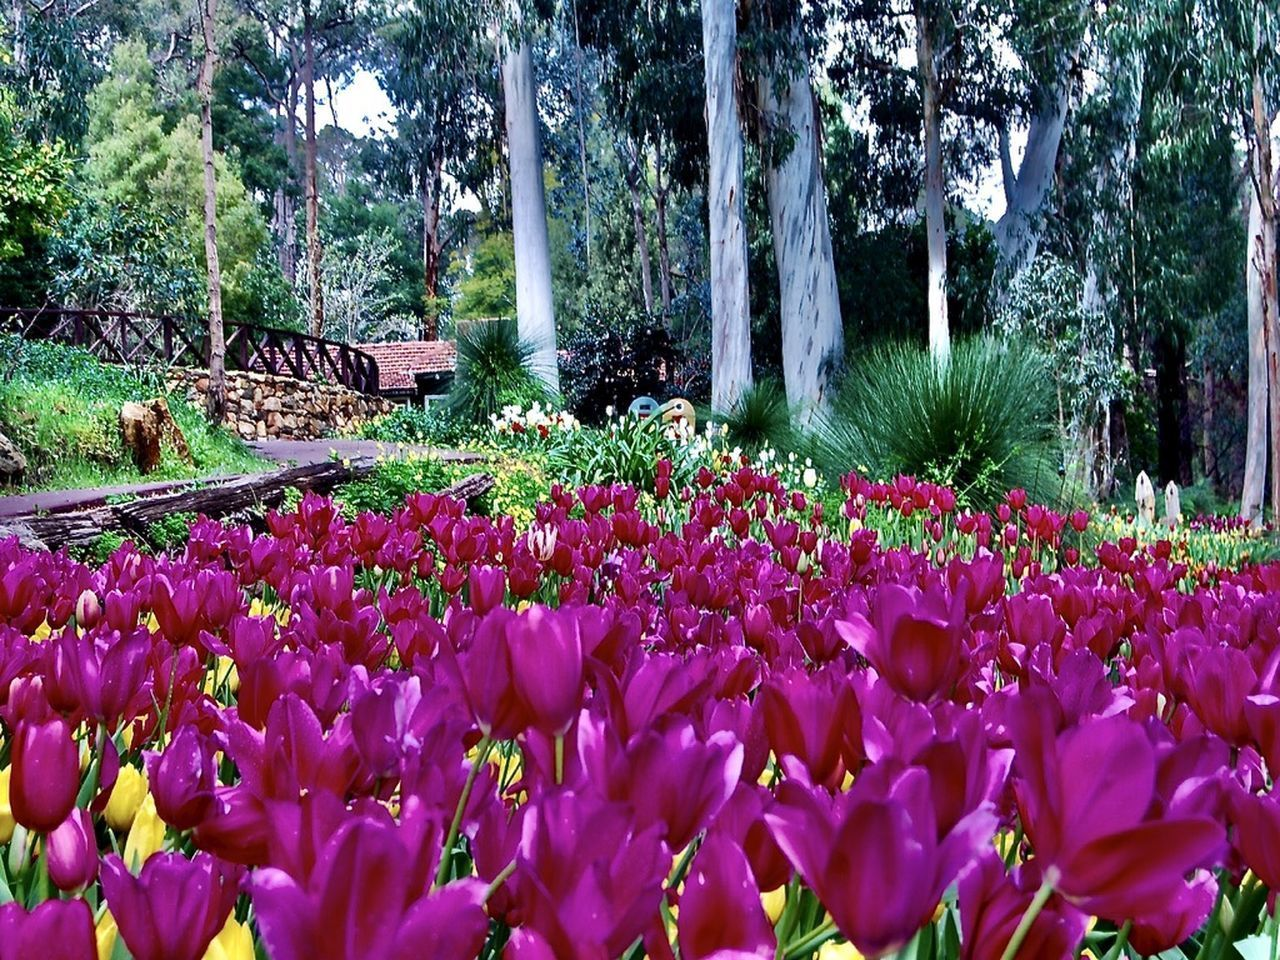 PINK FLOWERING PLANTS IN PARK